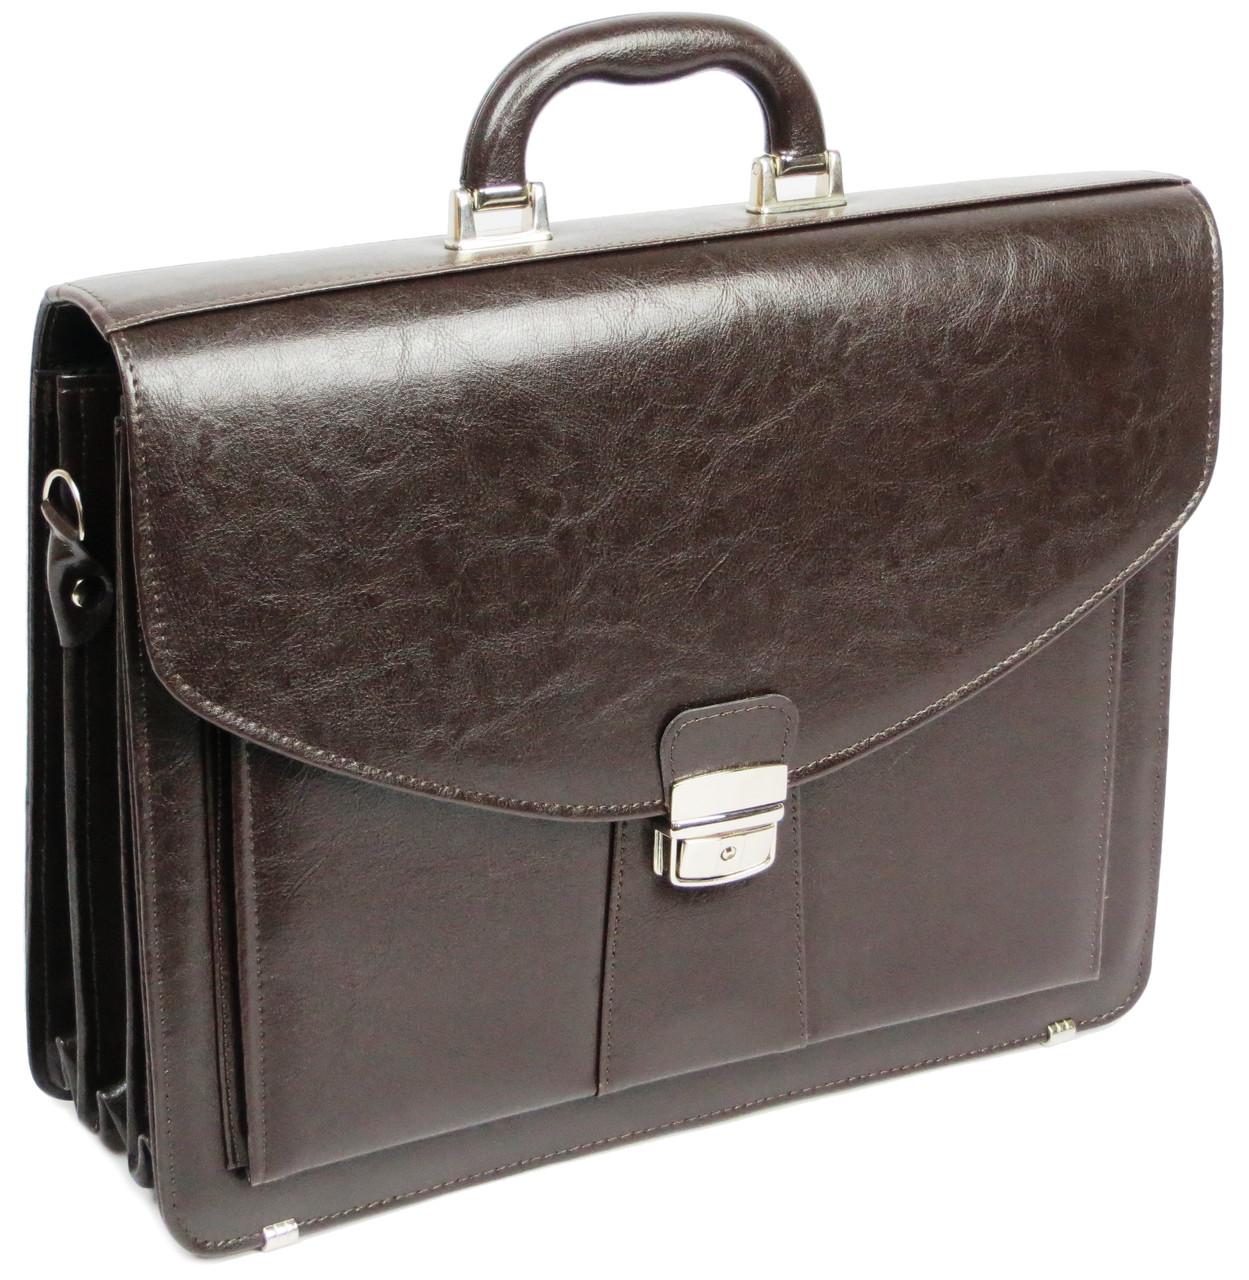 Мужской портфель из эко кожи Jurom 0-30-112 коричневый